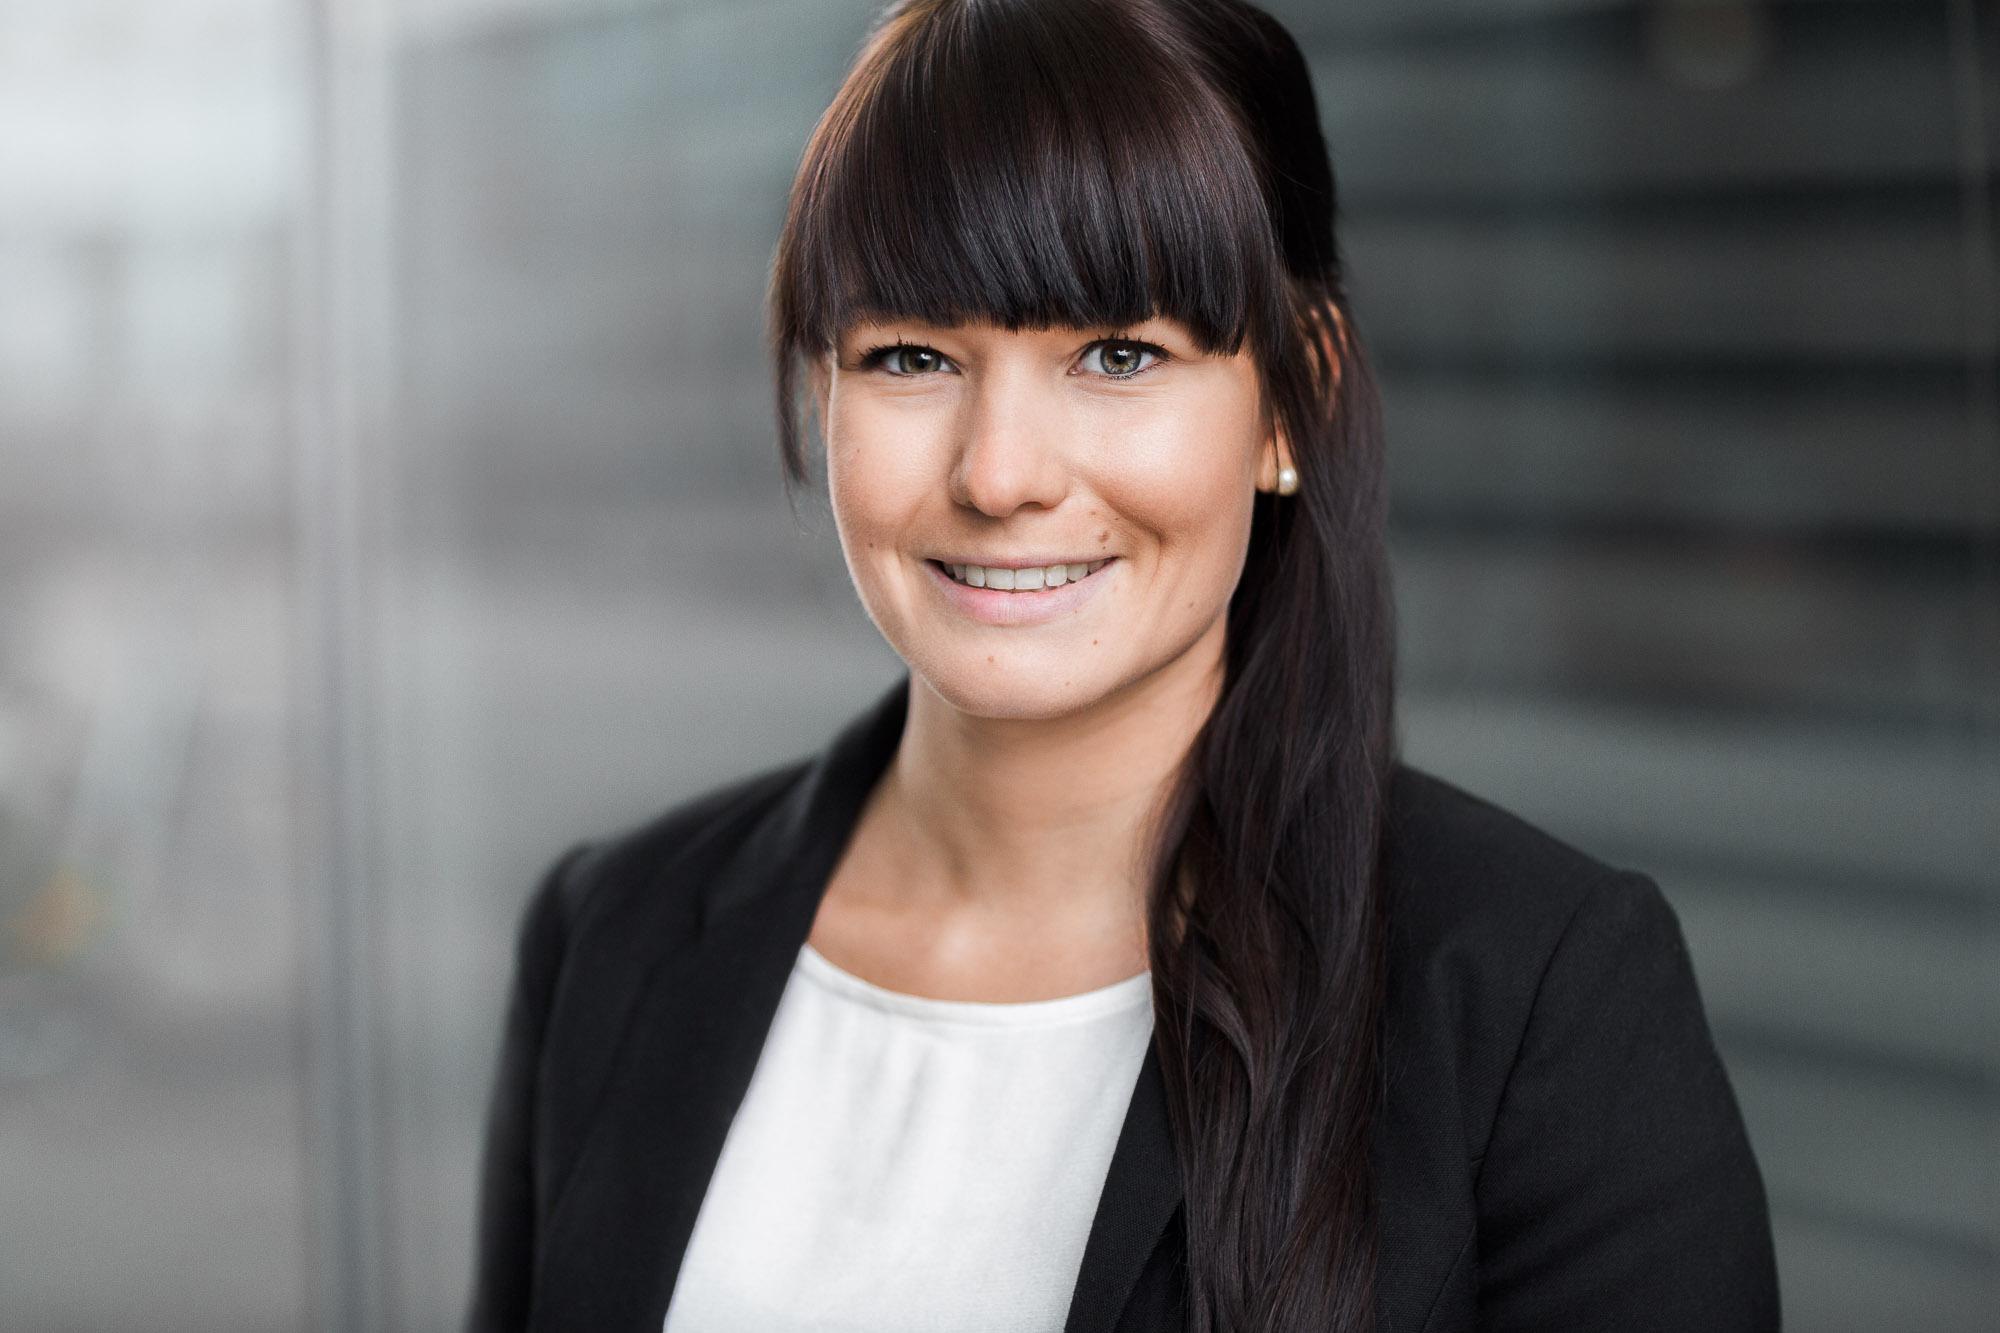 Dieses Bewerbungsfoto wurde von Tom und Lia Fotografie aus Rostock aufgenommen. Es zeigt eine junge Frau, im Hintergrund ist die Fassade der Deutschen Med zu sehen.